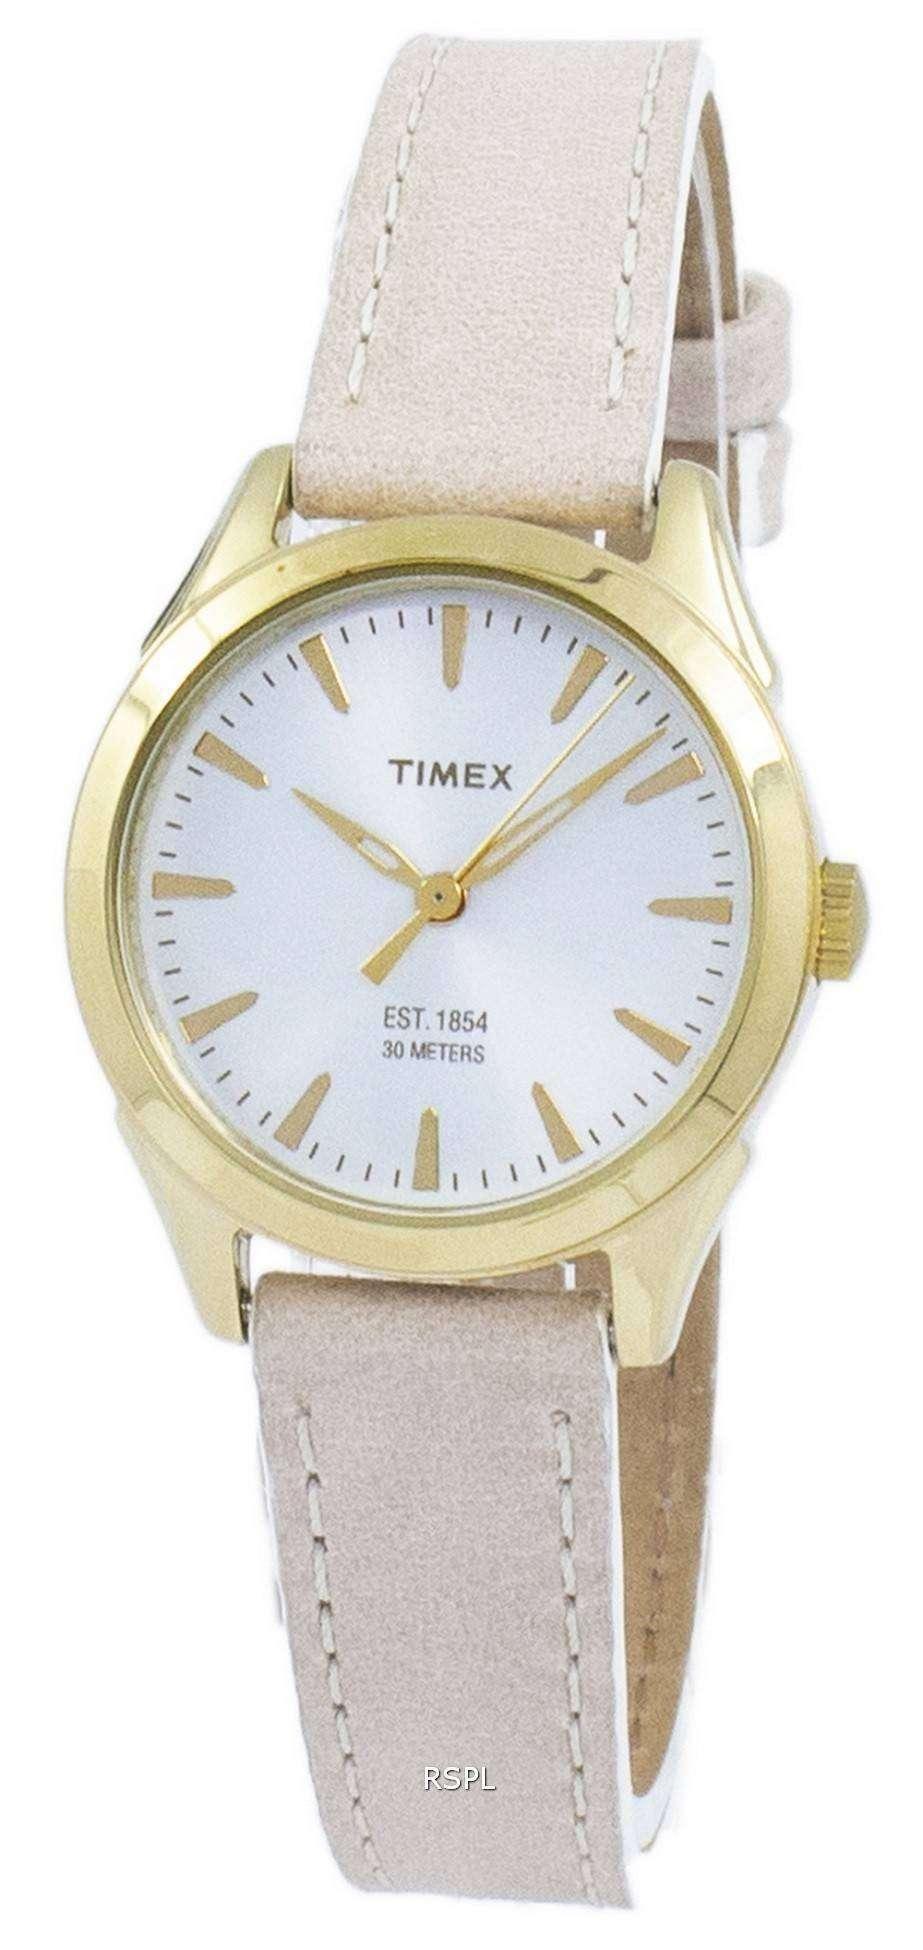 タイメックス チェサピーク古典的な石英 TW2P82000 レディース腕時計